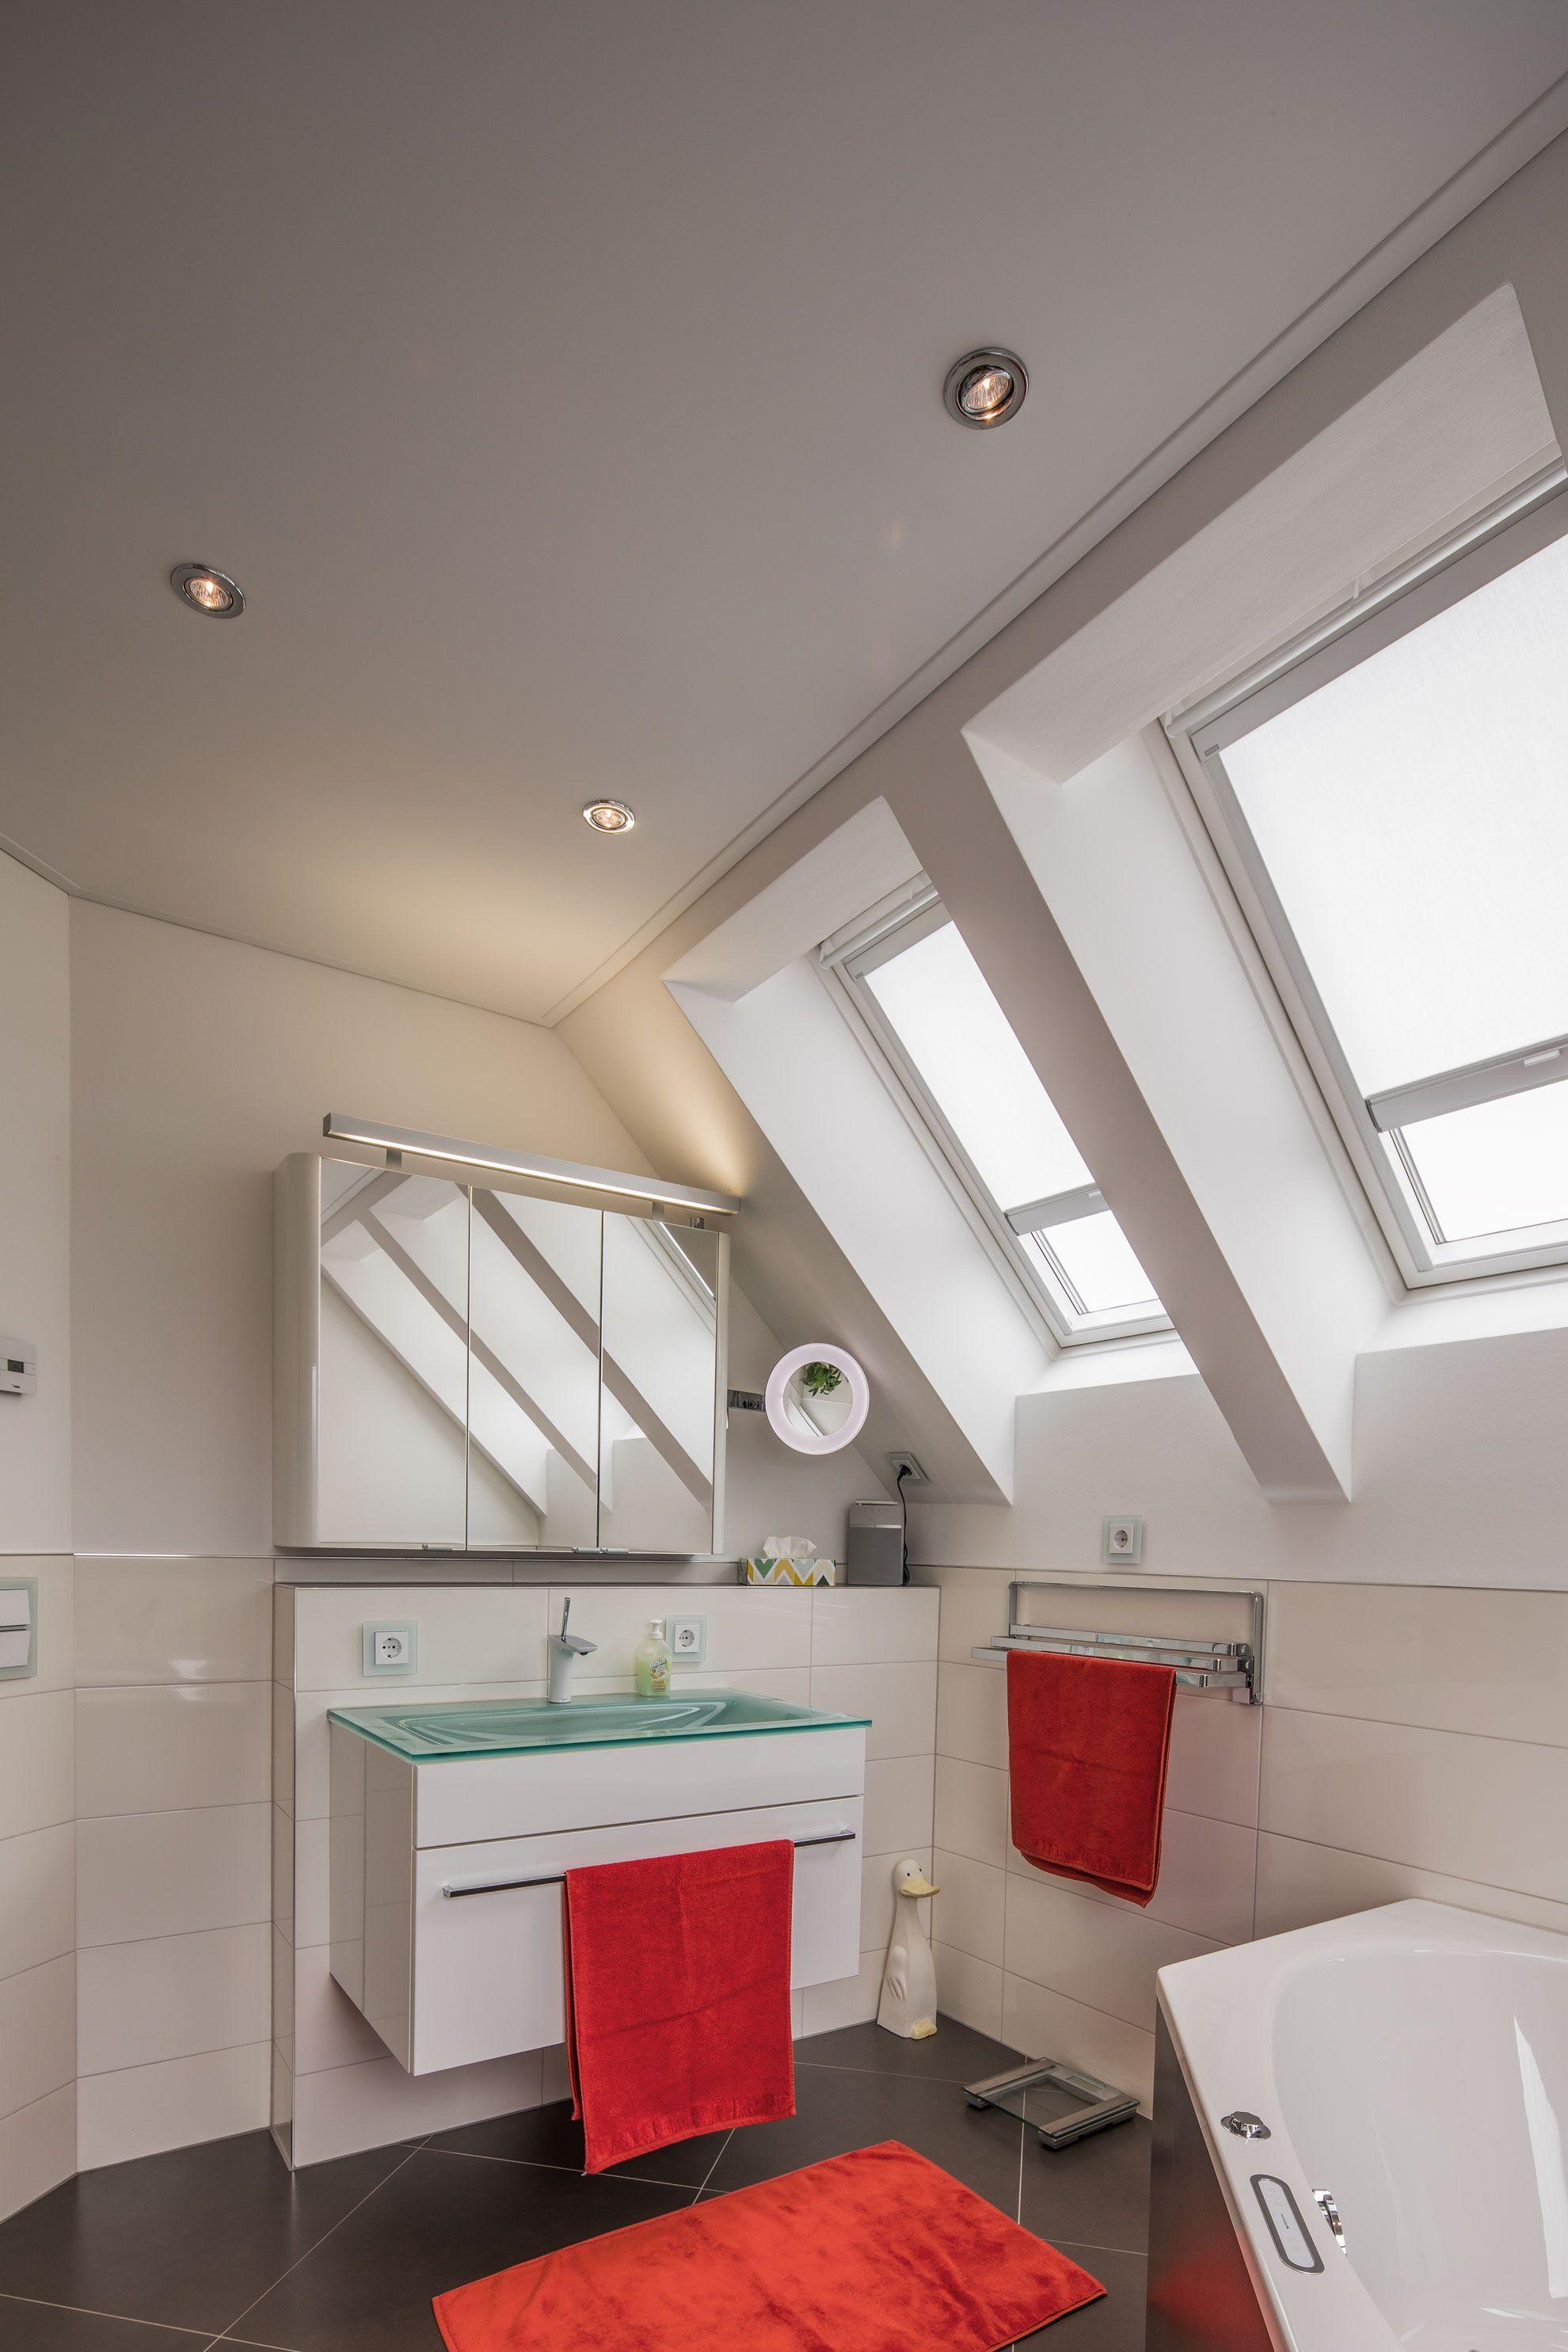 Inspiration Fur Eine Badezimmerdecke Mit Vielen Fenstern Badezimmer Decke Inspiration Decken Badezimmer Badkamer